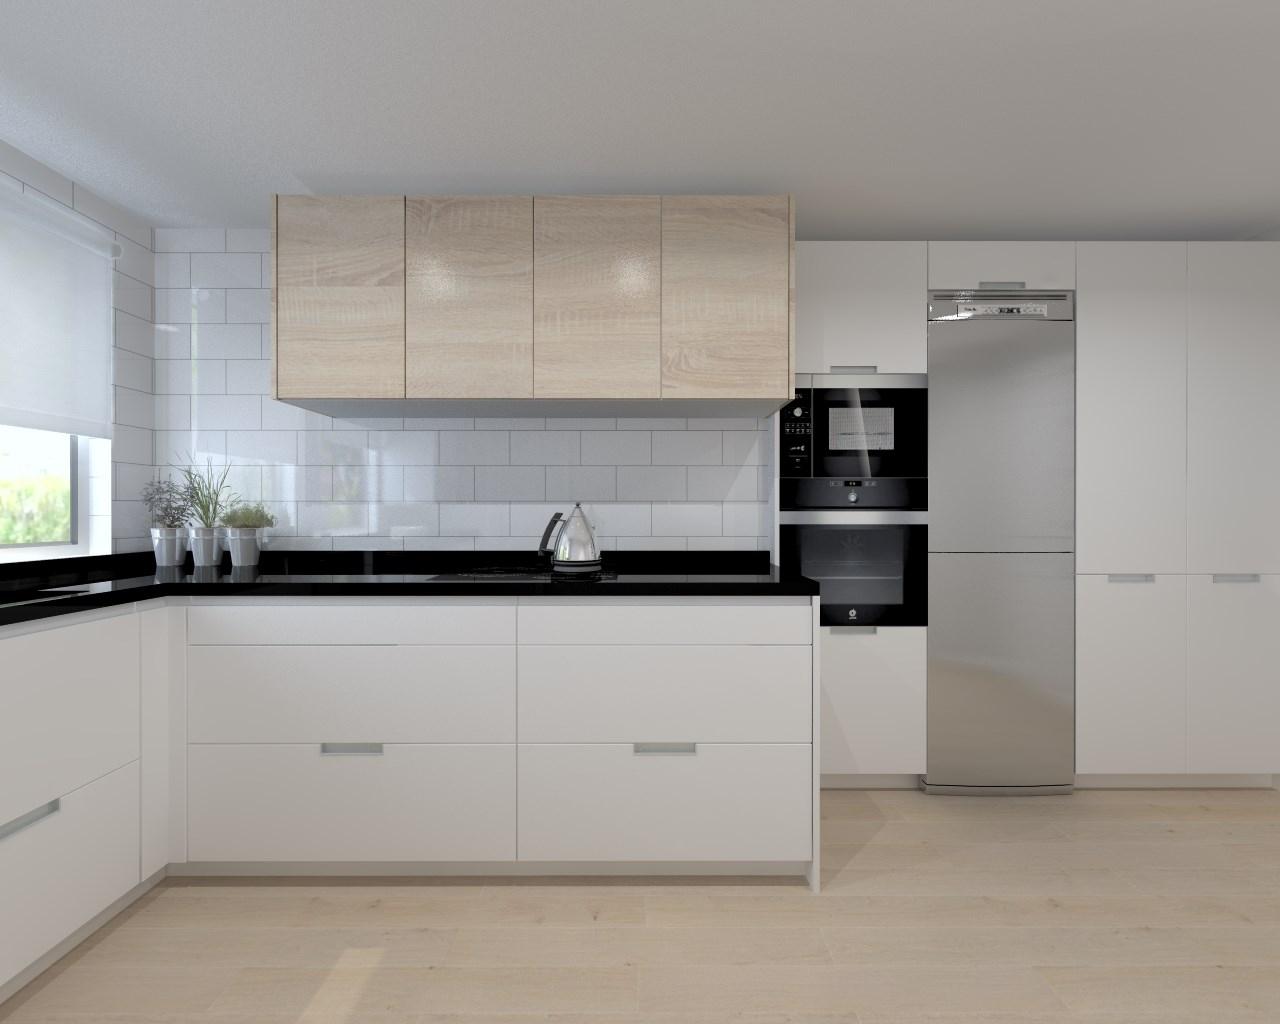 Aravaca cocina santos modelo line estratificado blanco for Encimera cocina marmol o granito